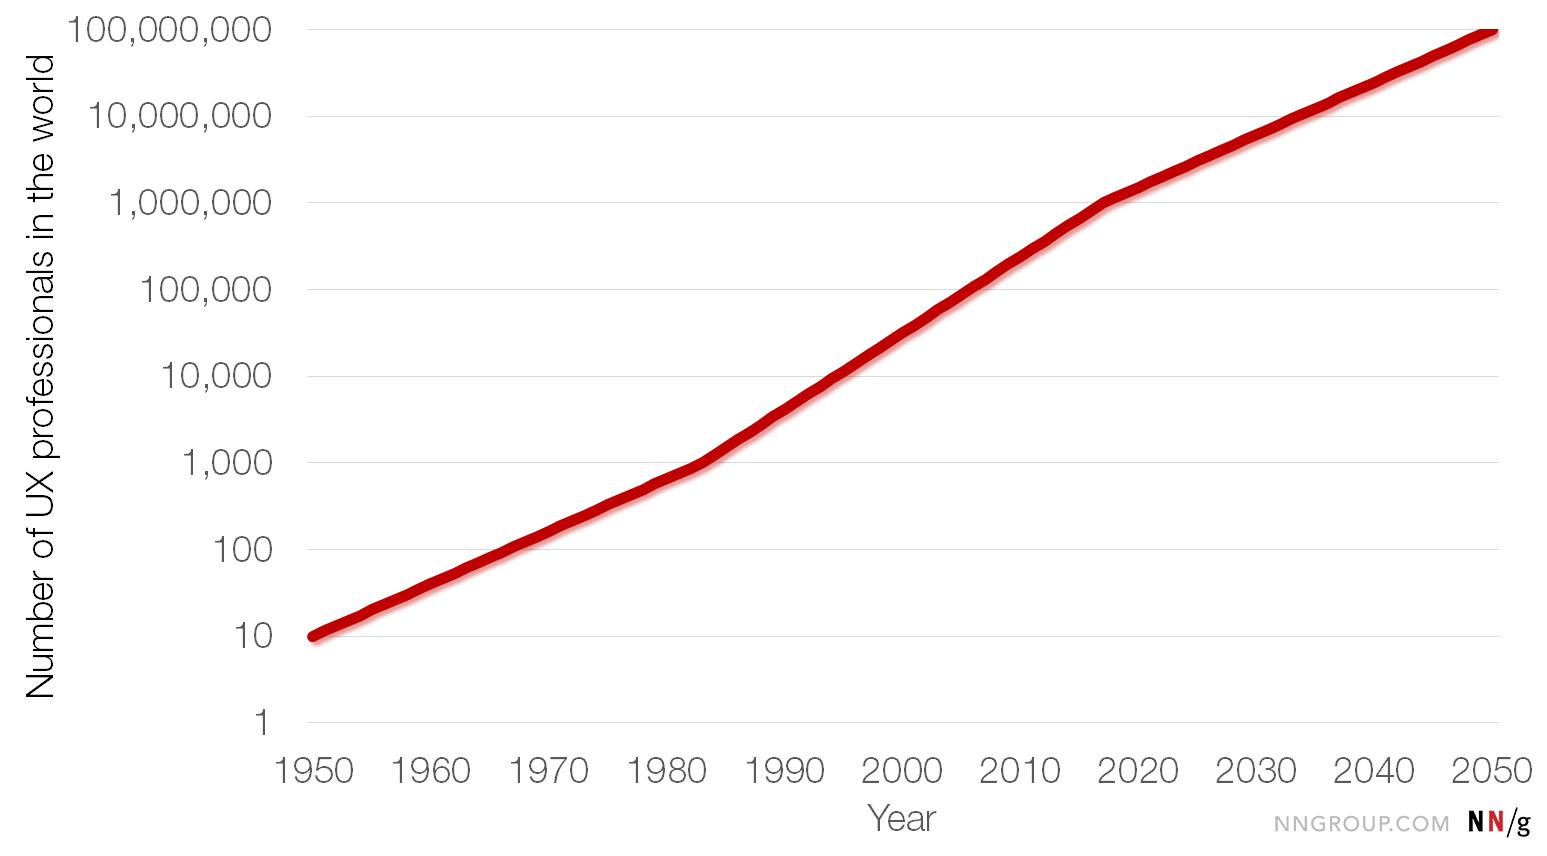 Gráfico de estimativa e projeção da quantidade de profissionais de UX até 2050.